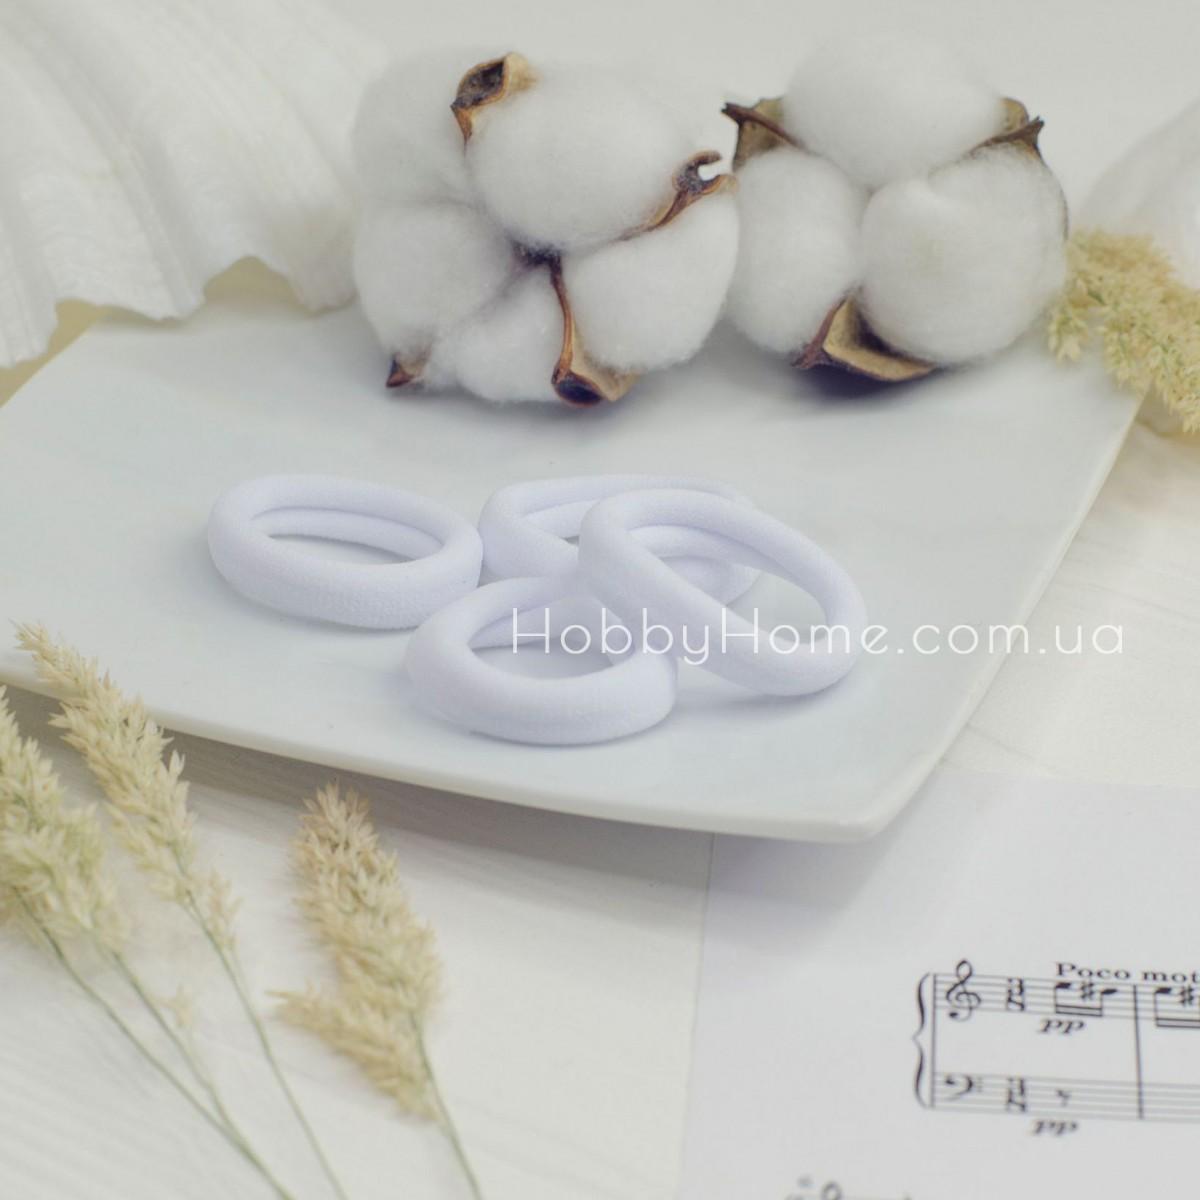 Резинка основа 4см біла